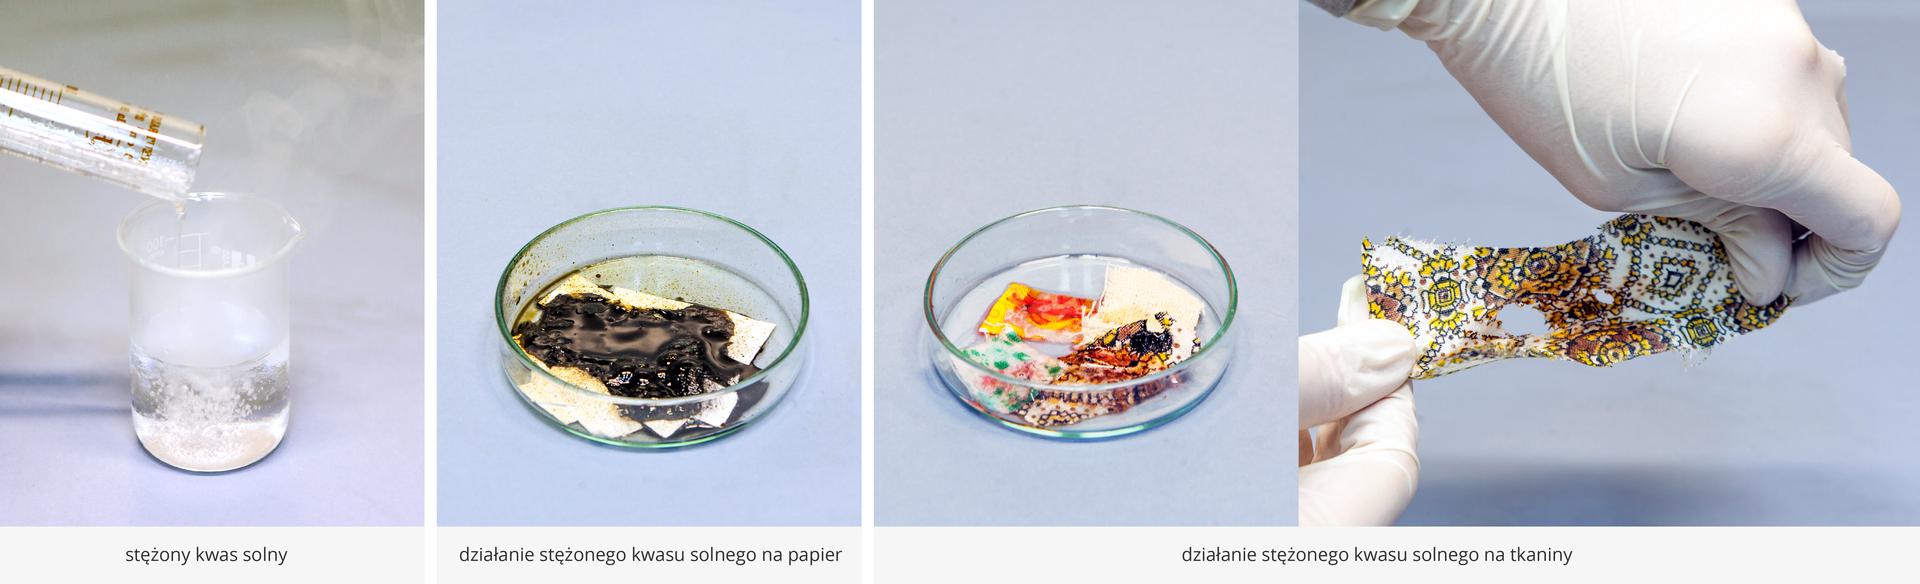 Ilustracja przedstawia cztery ustawione obok siebie zdjęcia wraz zpodpisami prezentujące cechy stężonego kwasu solnego. Na pierwszym zdjęciu od lewej strony podpisanym Stężony kwas solny zaprezentowano przelewanie kwasu solnego zbutelki do zlewki. Nad zlewką unoszą się białe opary. Drugie zdjęcie, podpisane Działanie stężonego kwasu solnego na papier przedstawia niewielki kawałek papieru na szalce Petriego, wprzeważającej części zniszczony, to jest podziurawiony ipoczerniały. Na szkle naczynia oraz na nie zniszczonych kawałkach papieru liczne żółte plamy. Zdjęcia trzecie iczwarte noszą wspólny podpis: Działanie stężonego kwasu solnego na tkaniny. Na pierwszym zdjęciu ponownie szalka Petriego, ale tym razem wewnątrz niej znajduje się kawałek różnobarwnego materiału. Widać też miejsce, na które nalano odrobinę kwasu solnego, gdyż jest poczerniałe. Na zdjęciu drugim ten sam kawałek materiału trzymany wpalcach obu dłoni przez demonstratora. Widocznych jest kilka wytrawionych dziur iciemnych plam.